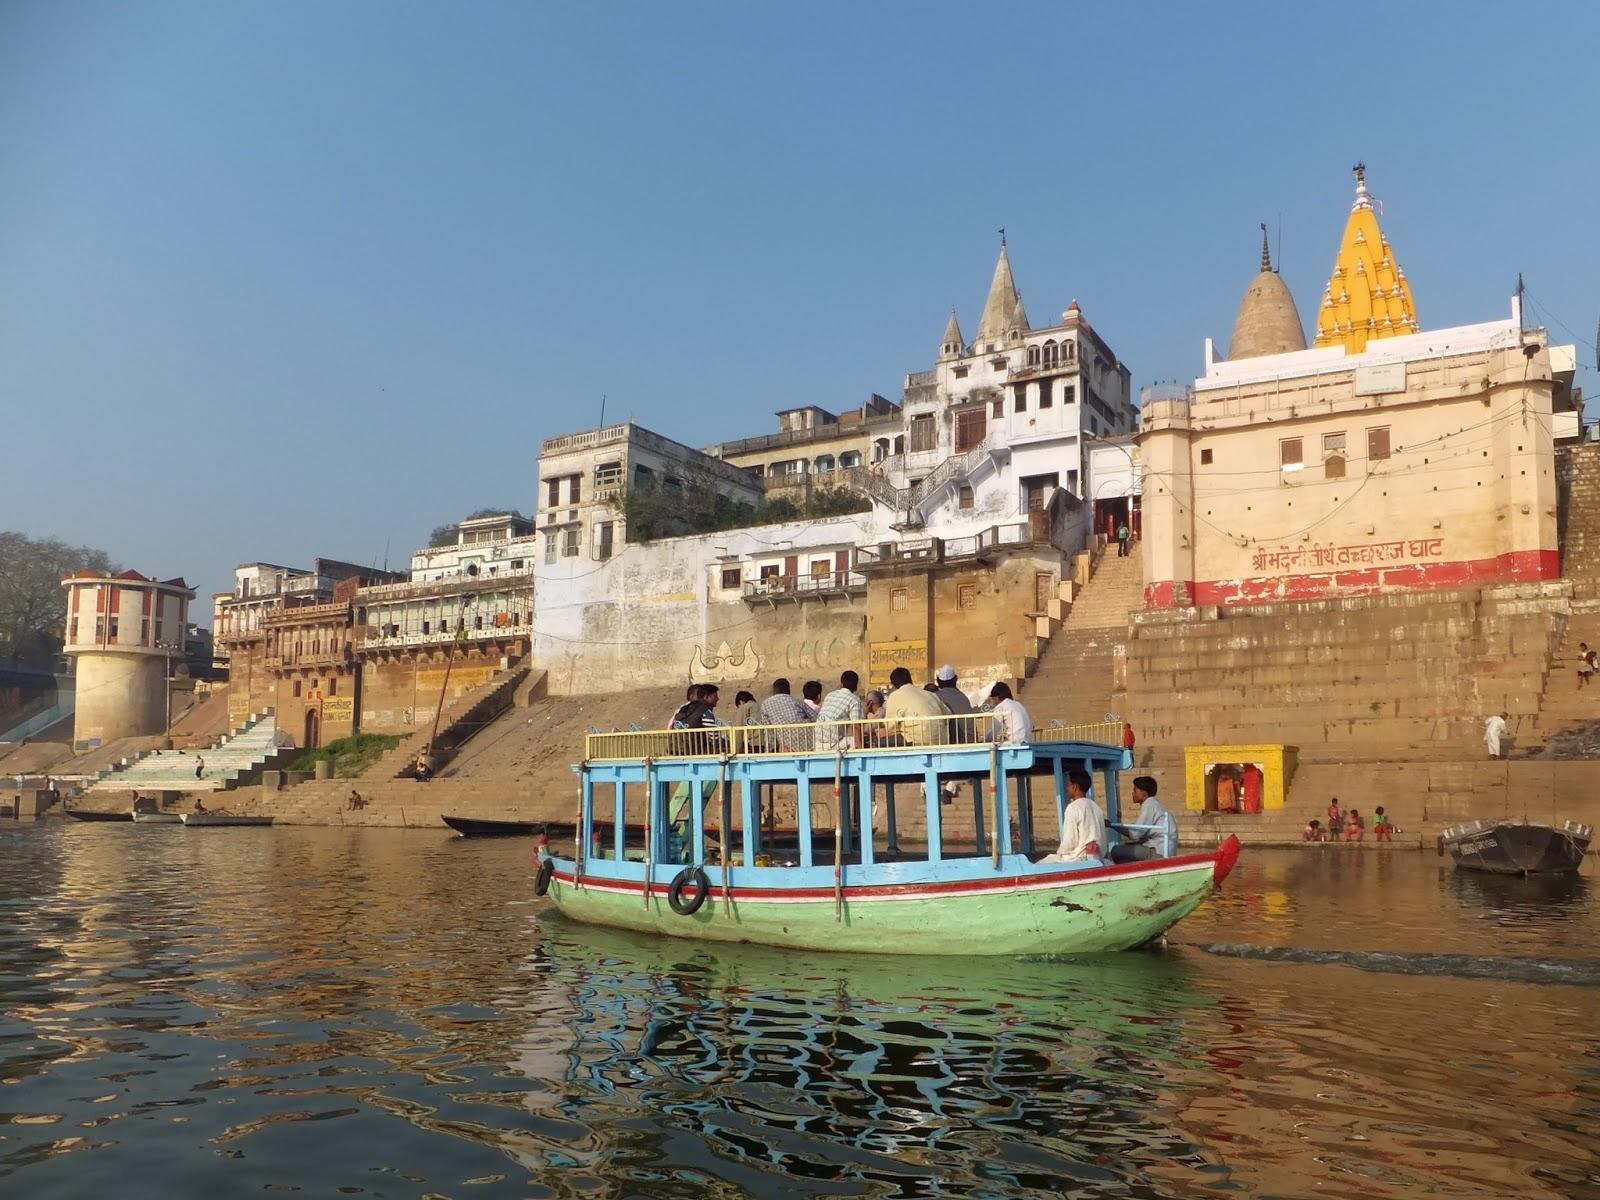 индусы плывут на втором этаже лодки